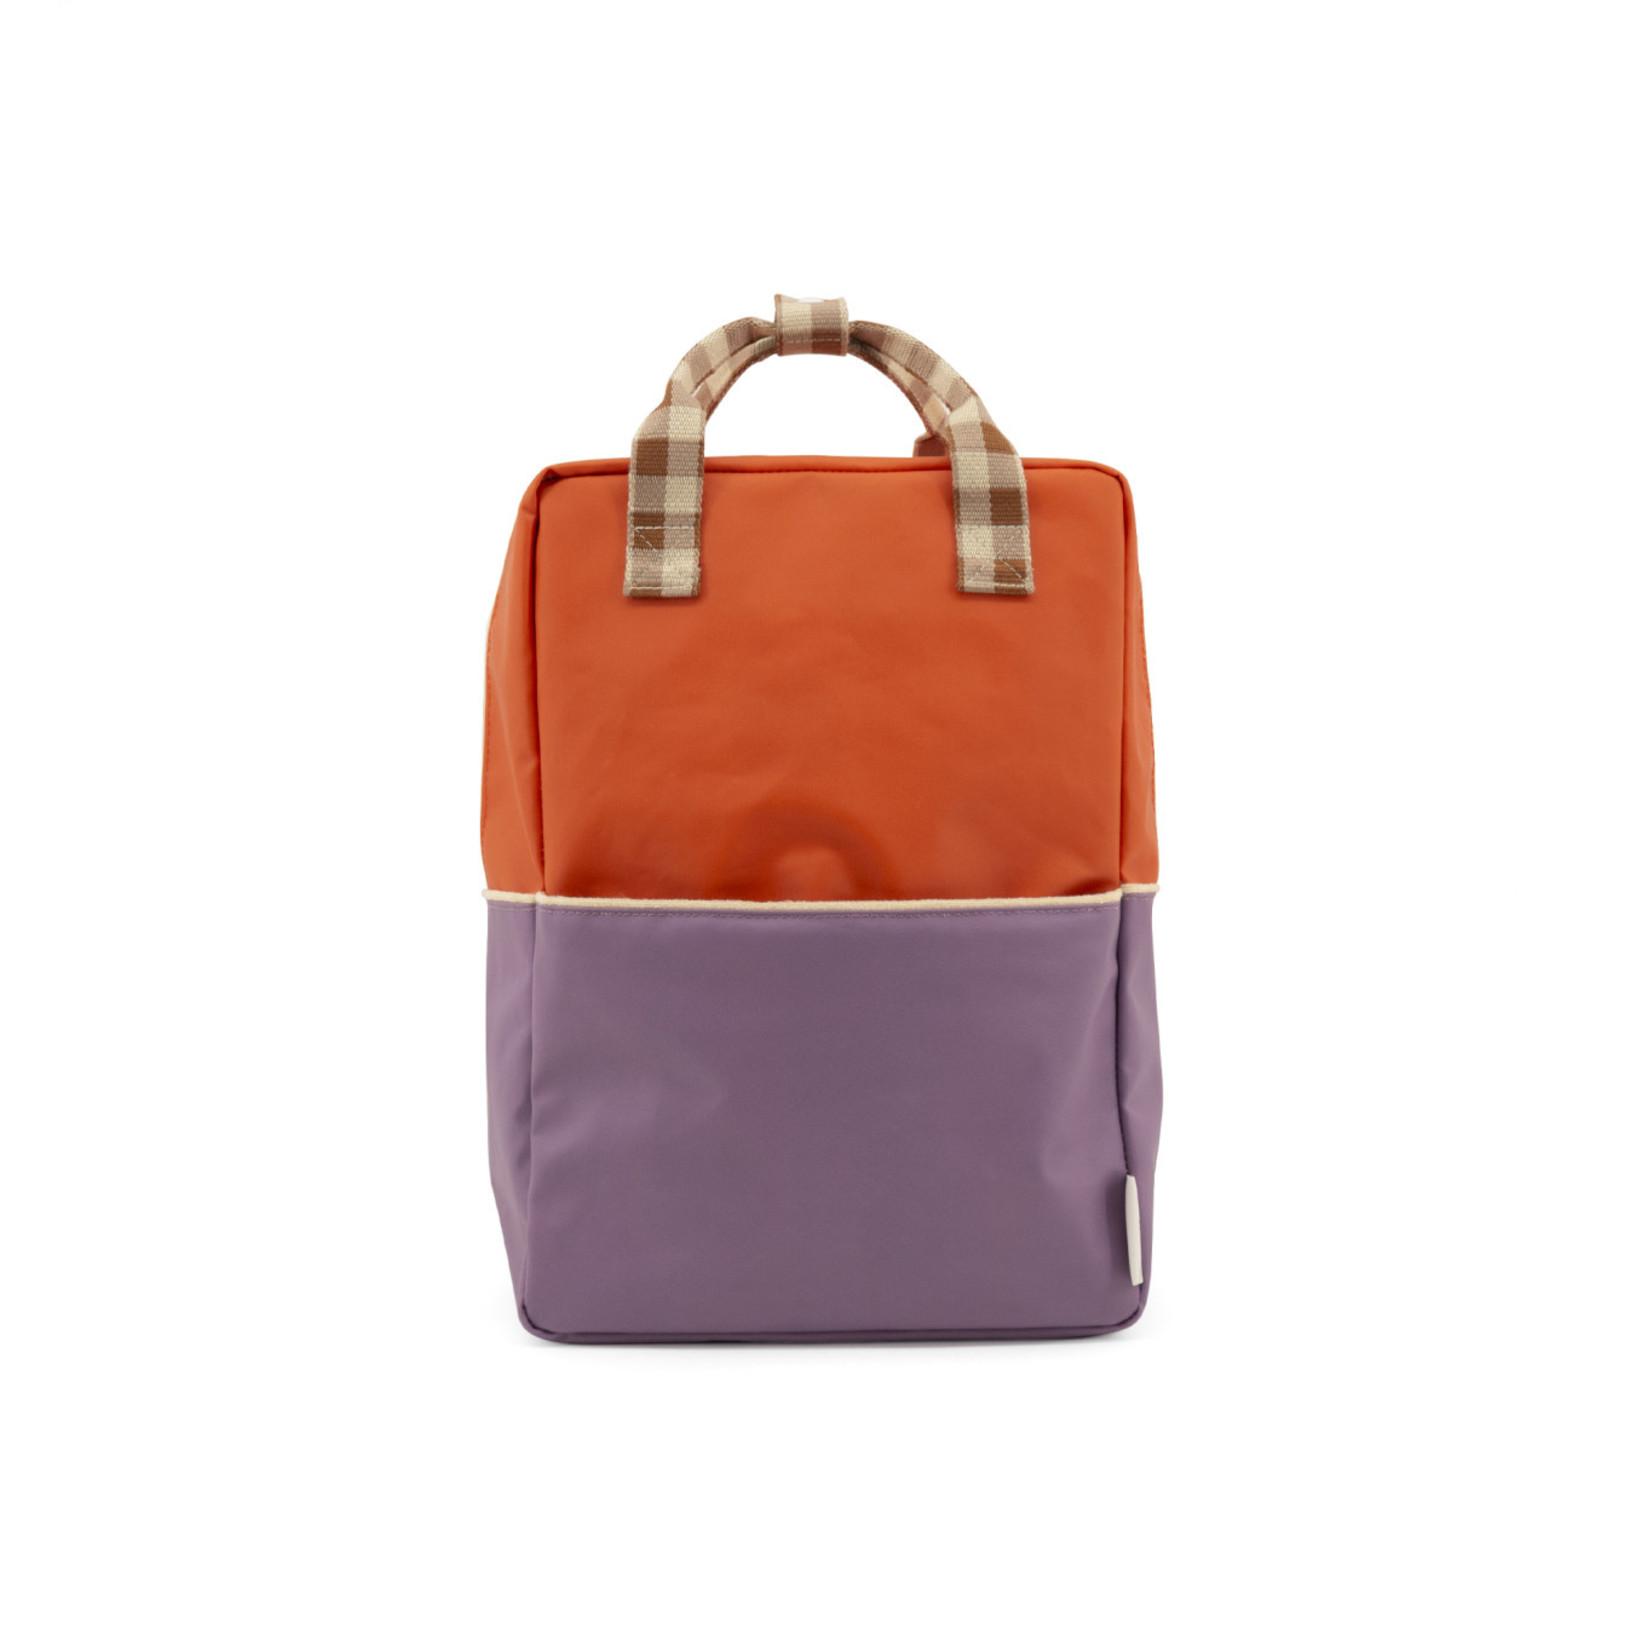 STICKY LEMON STICKY LEMON backpack large colourblocking